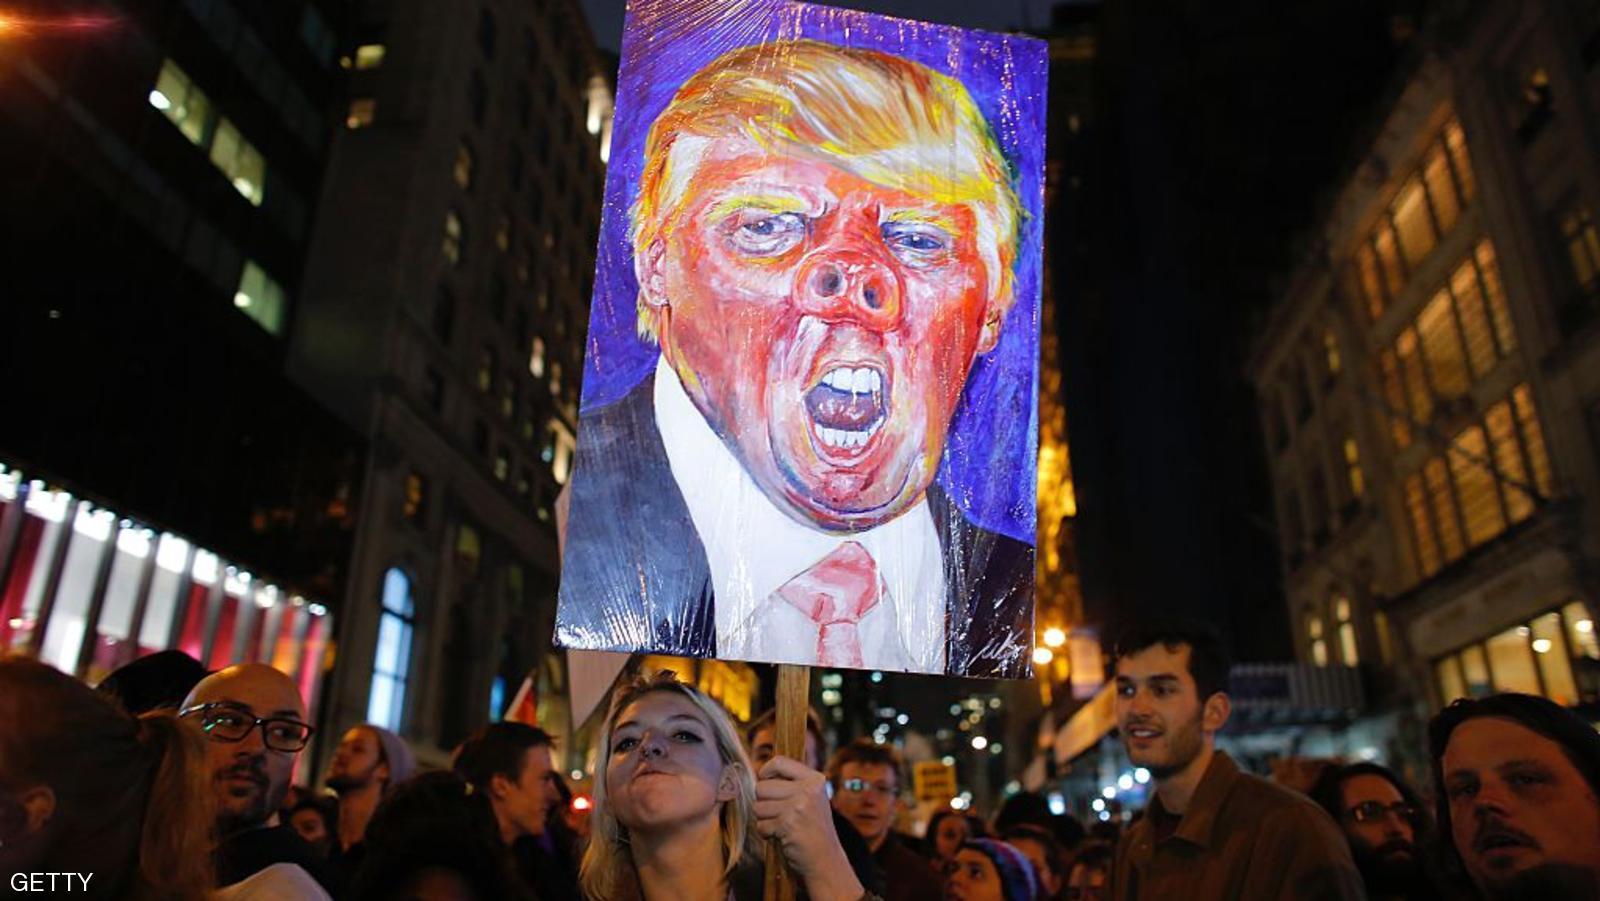 تظاهرات علیه ترامپ در چند شهر آمریکا / شعار معترضین: